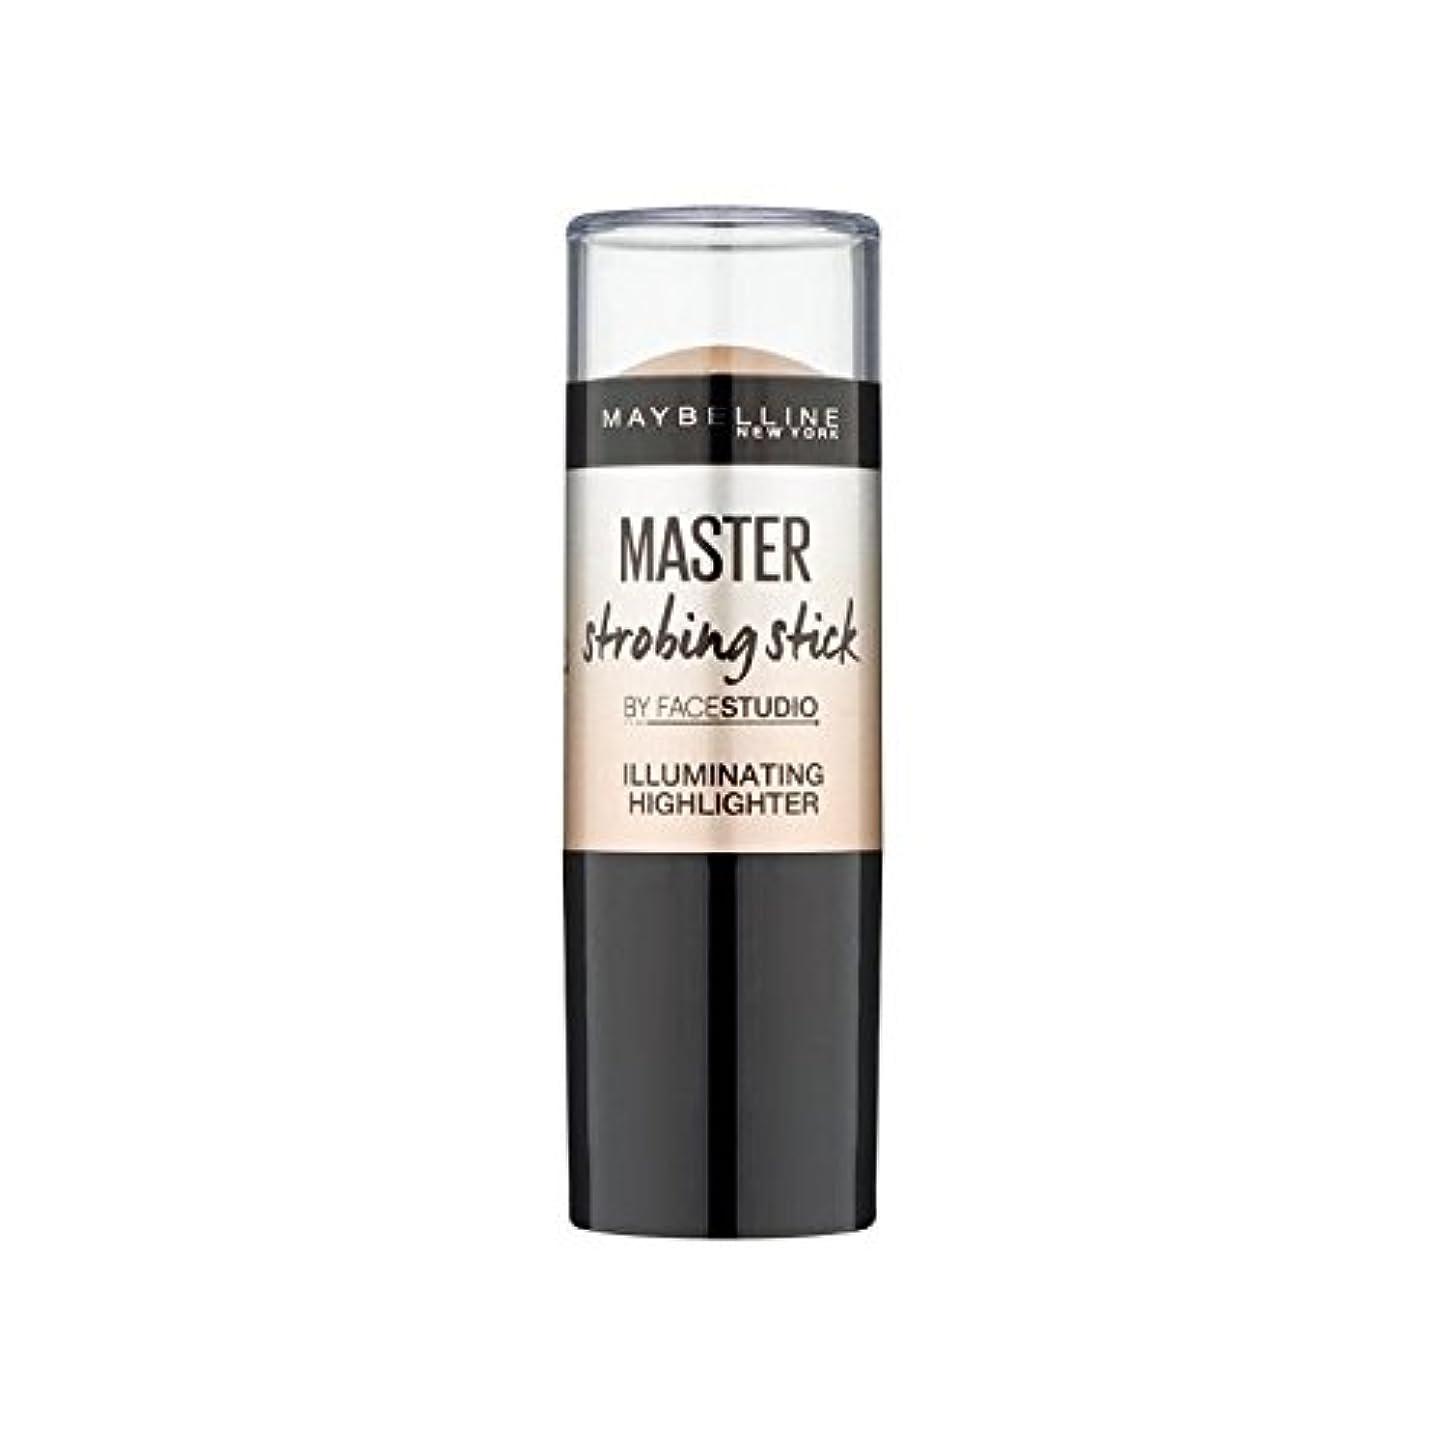 モバイル限りリークメイベリンマスターストロボスティック媒体 x2 - Maybelline Master Strobing Stick Medium (Pack of 2) [並行輸入品]